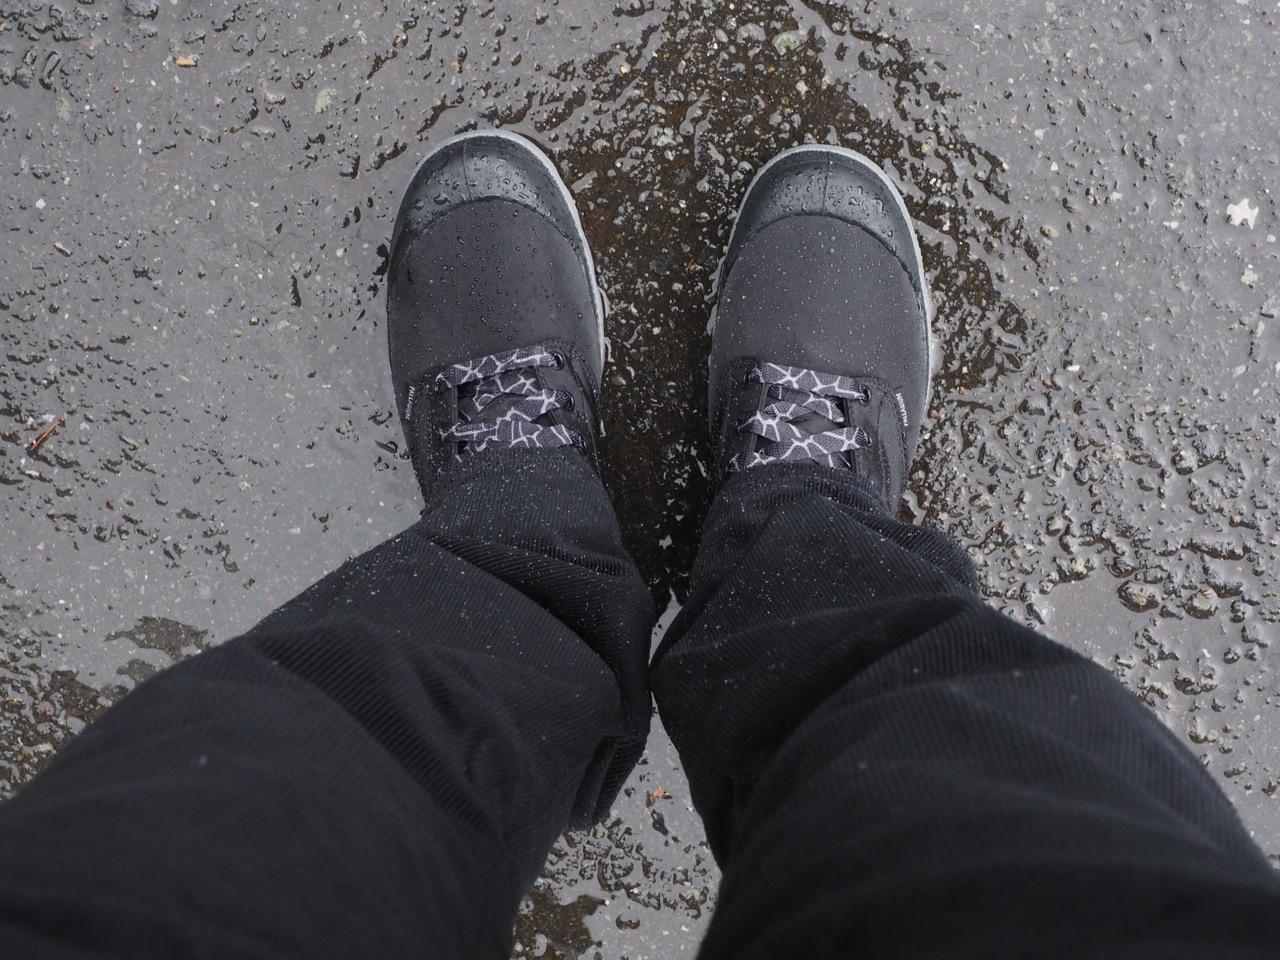 土砂降りの休日は防水スニーカー